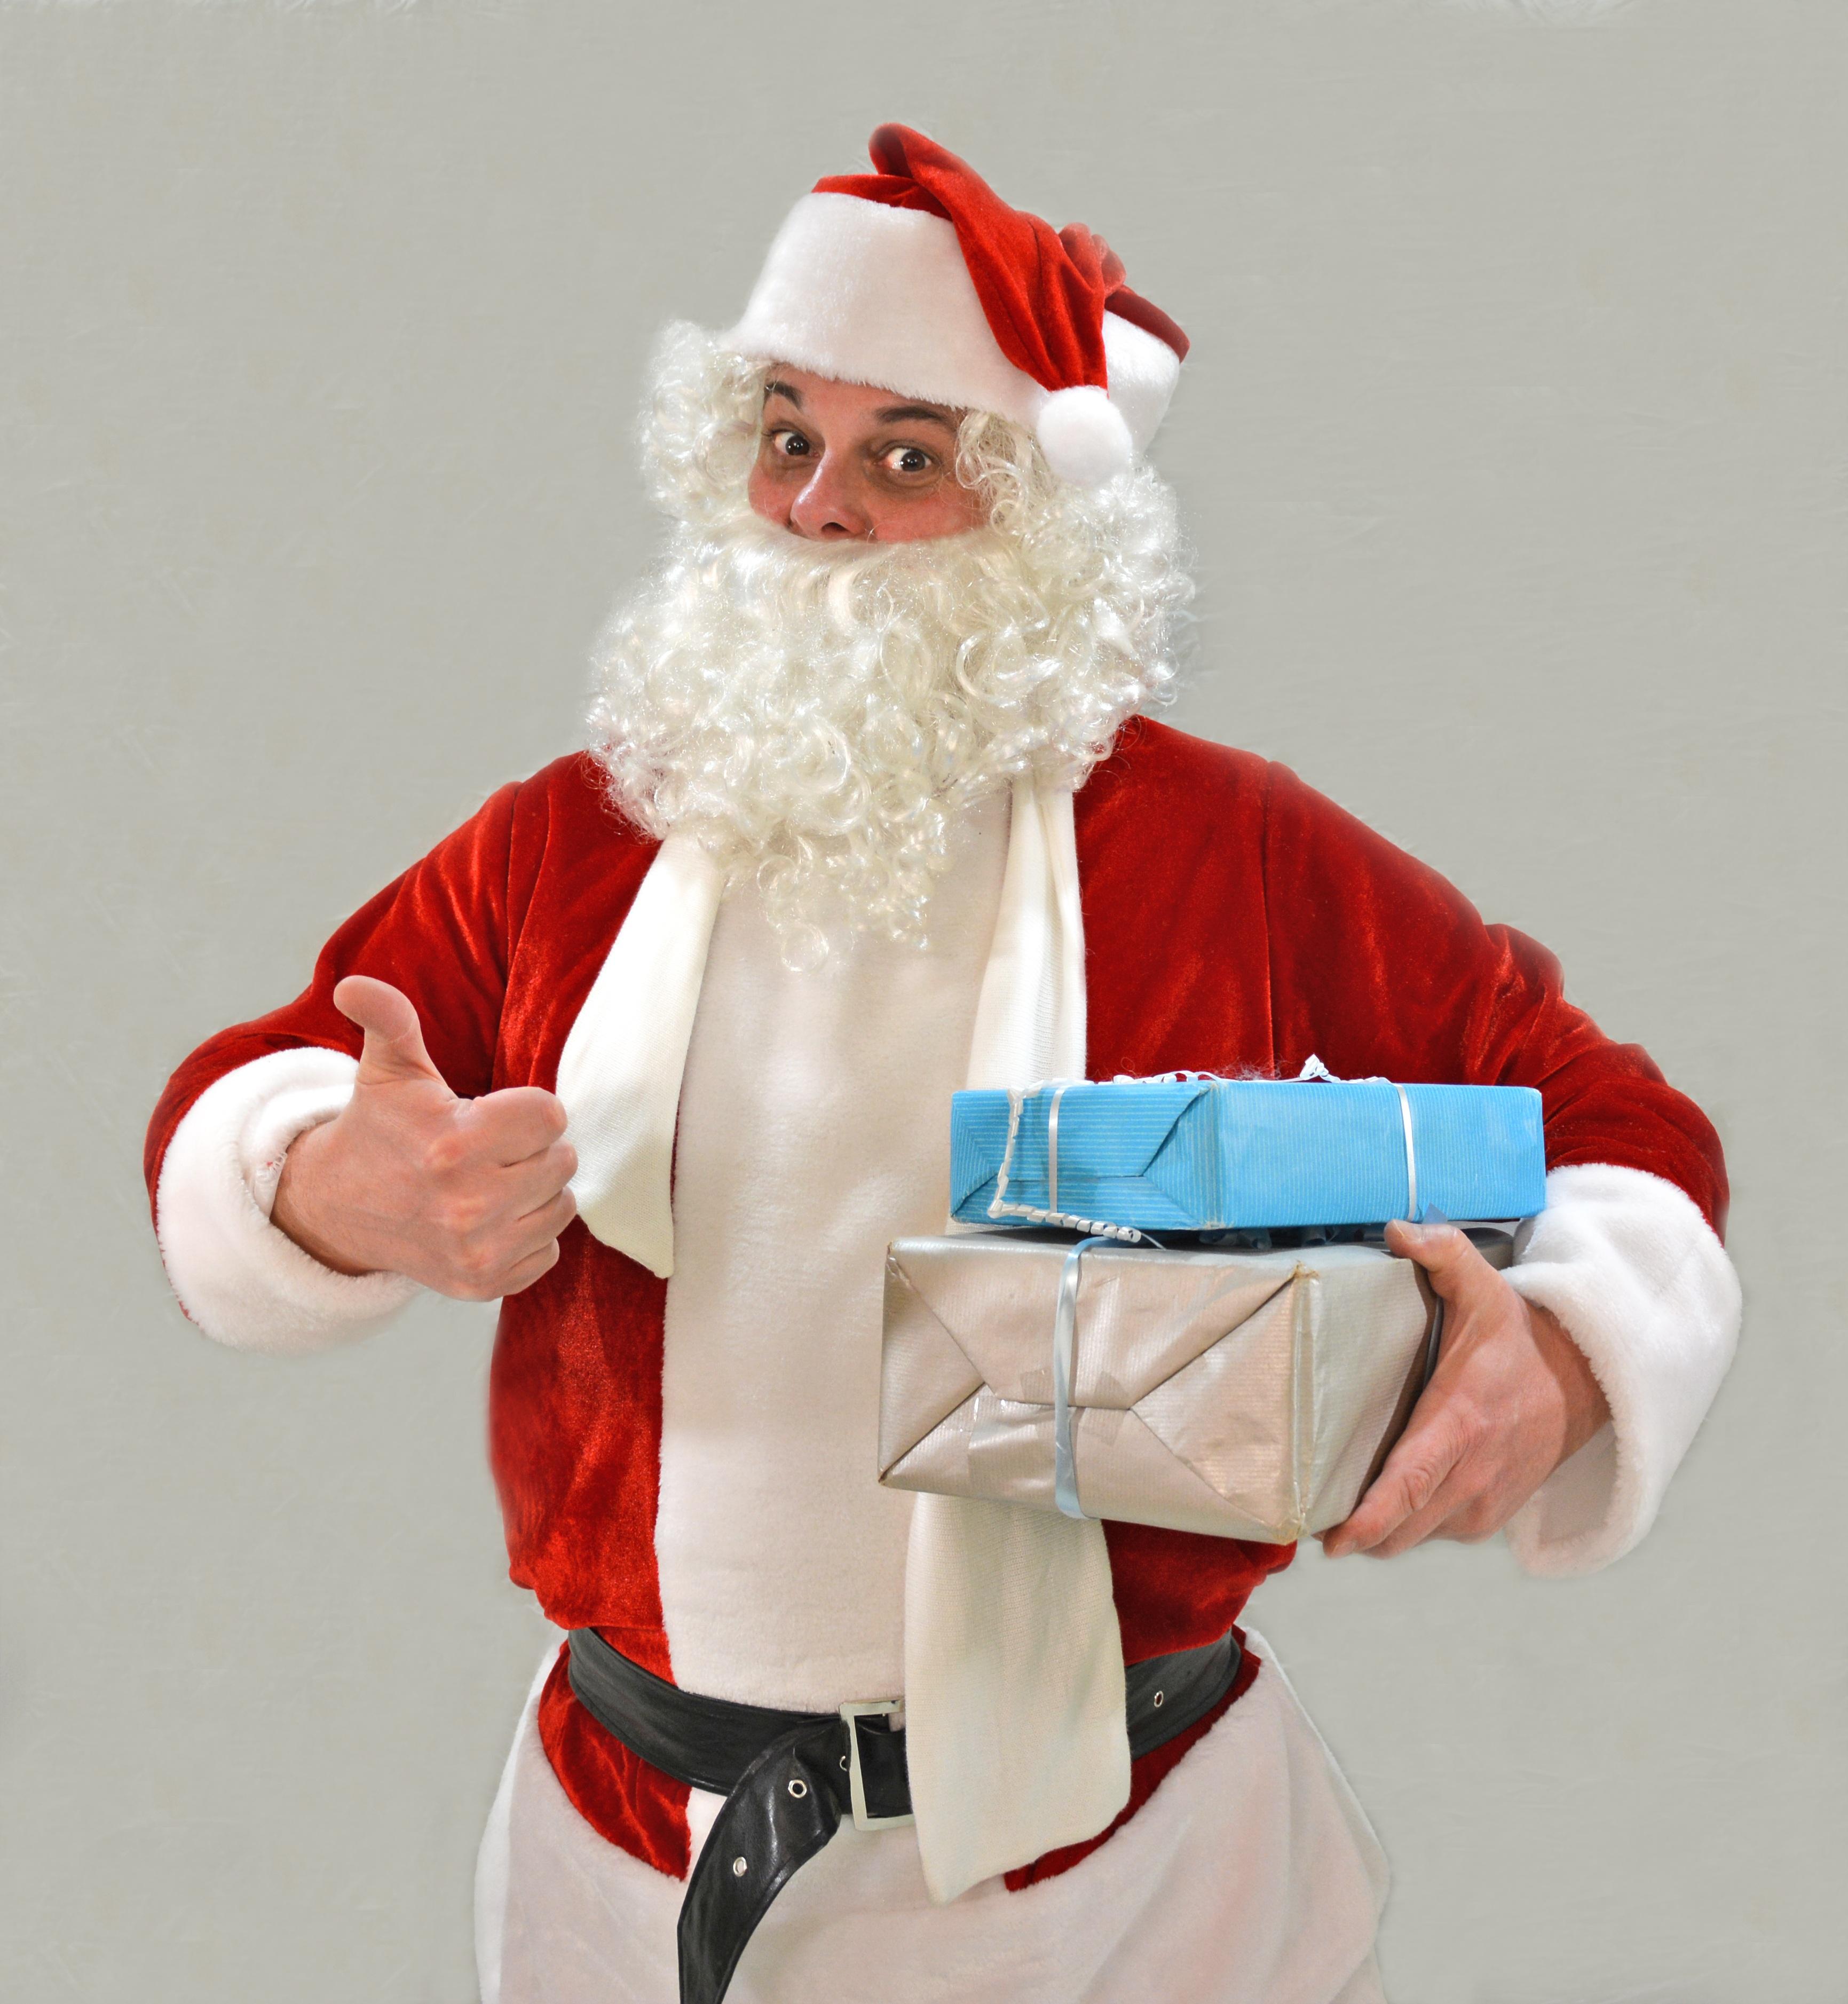 fotos gratis invierno santa adviento decoracin navidea regalos tiempo de navidad festival vacaciones gracioso humor diciembre pap noel